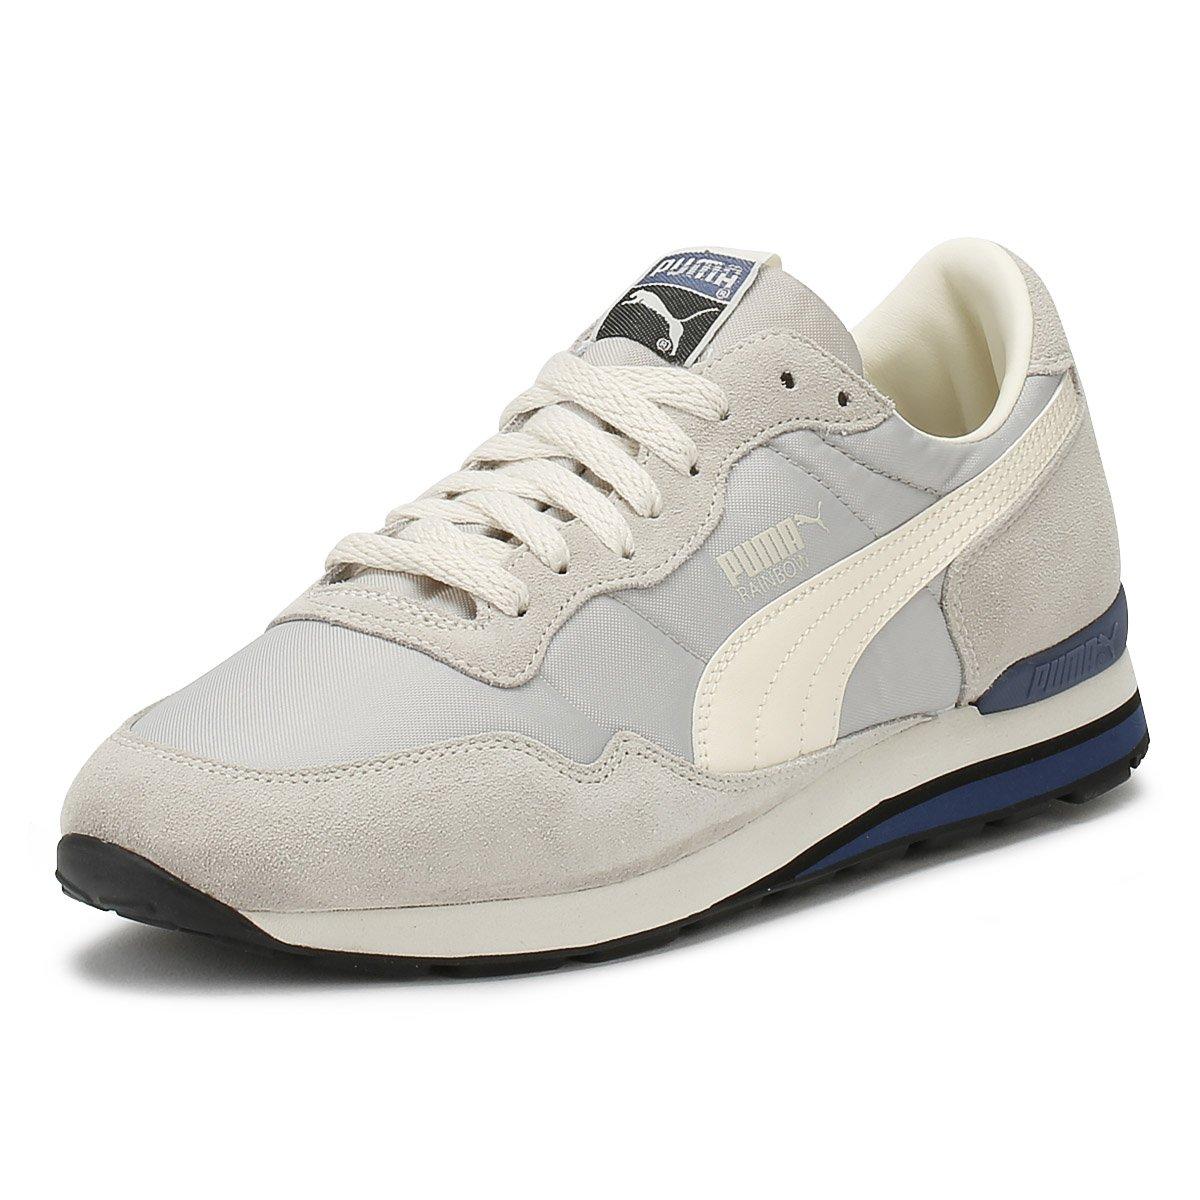 Puma Herren Grau/Indigo Rainbow SC Sneakers  44.5 EU